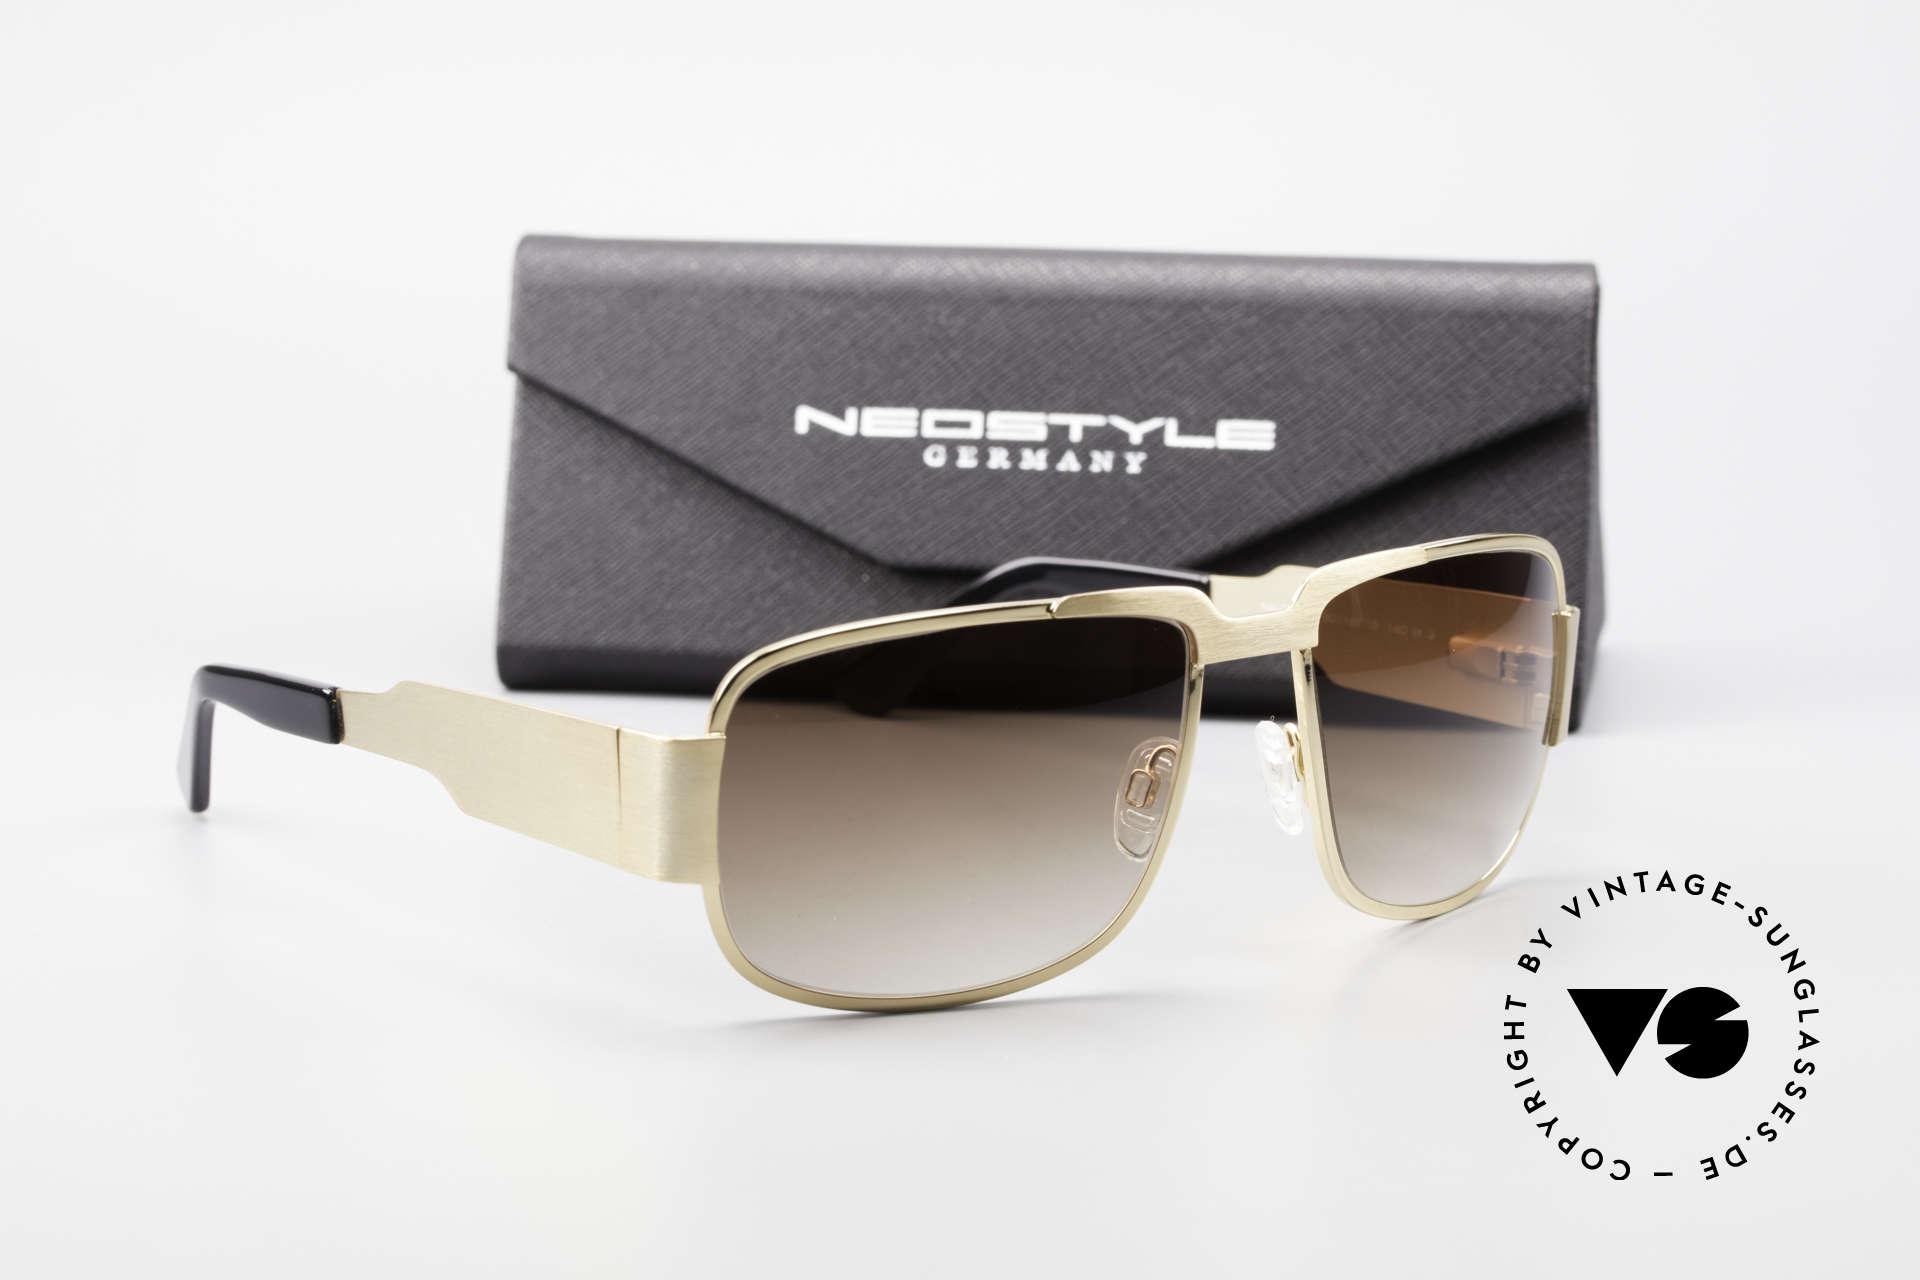 Neostyle Nautic 2 Elvis Presley Sonnenbrille, Größe: extra large, Passend für Herren